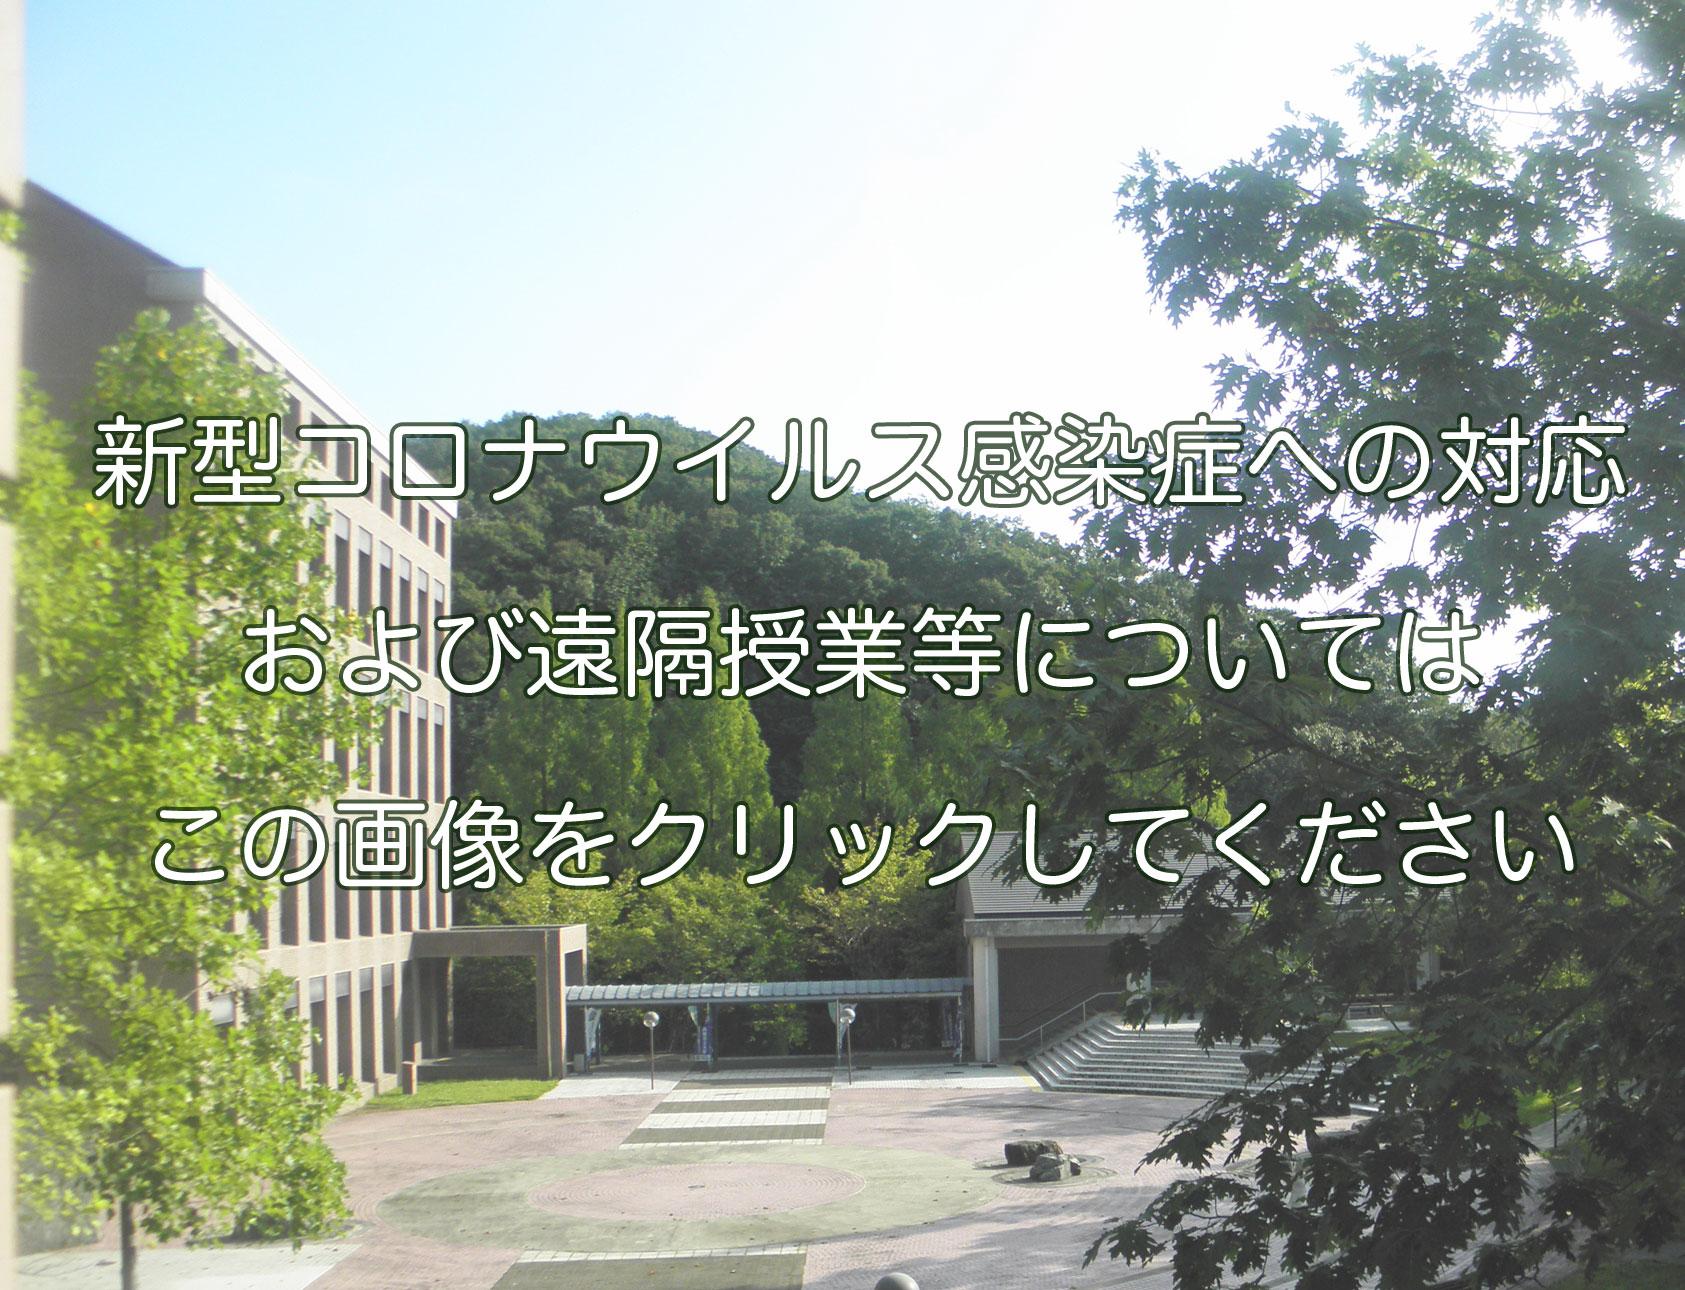 大学 南 ユニパ 九州